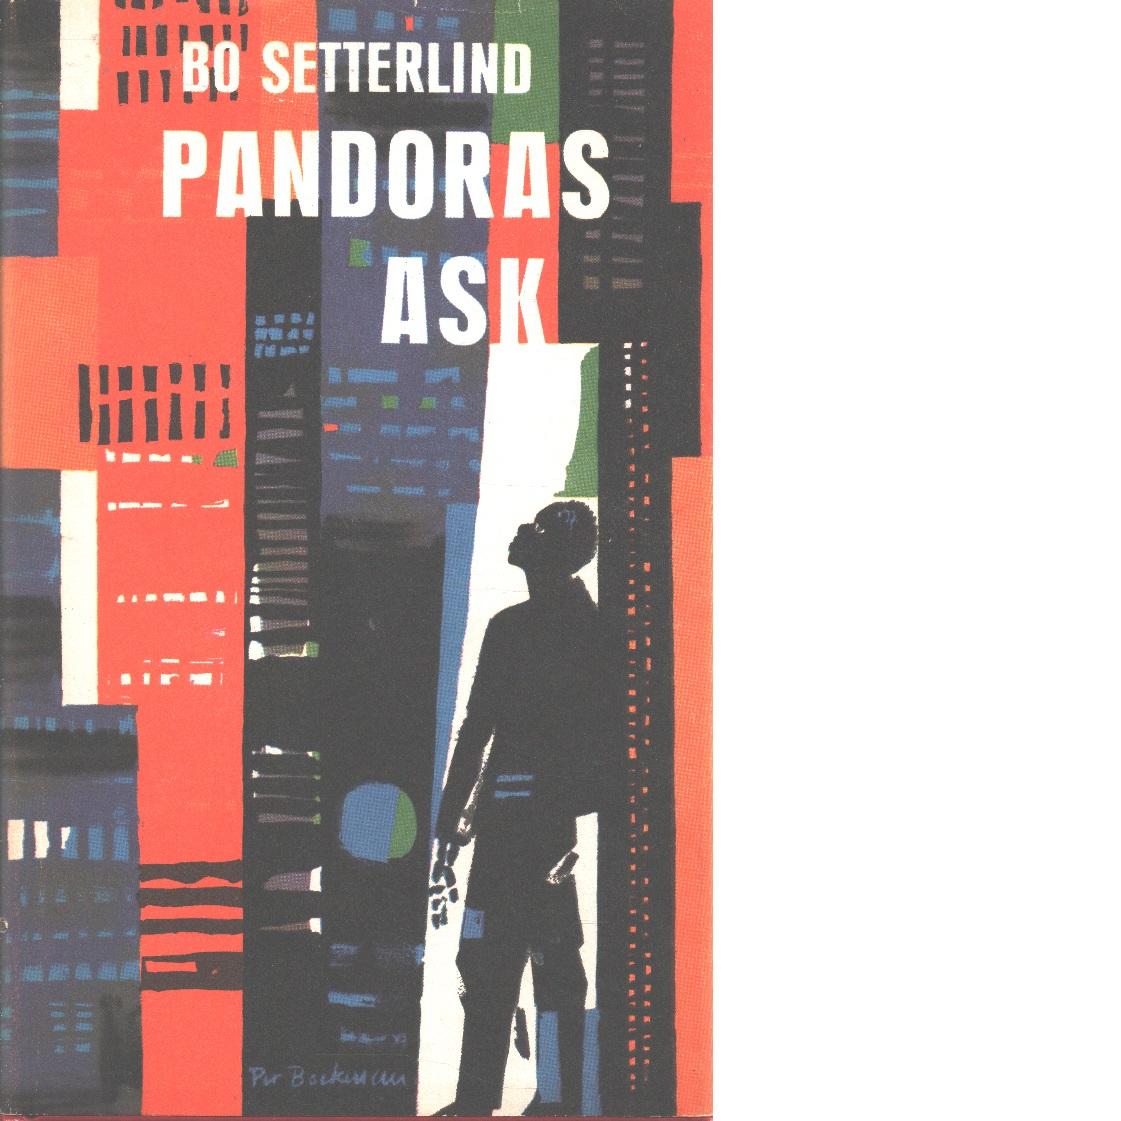 Pandoras ask : en roman om den hemska lusten att fylla tomrum - Setterlind, Bo